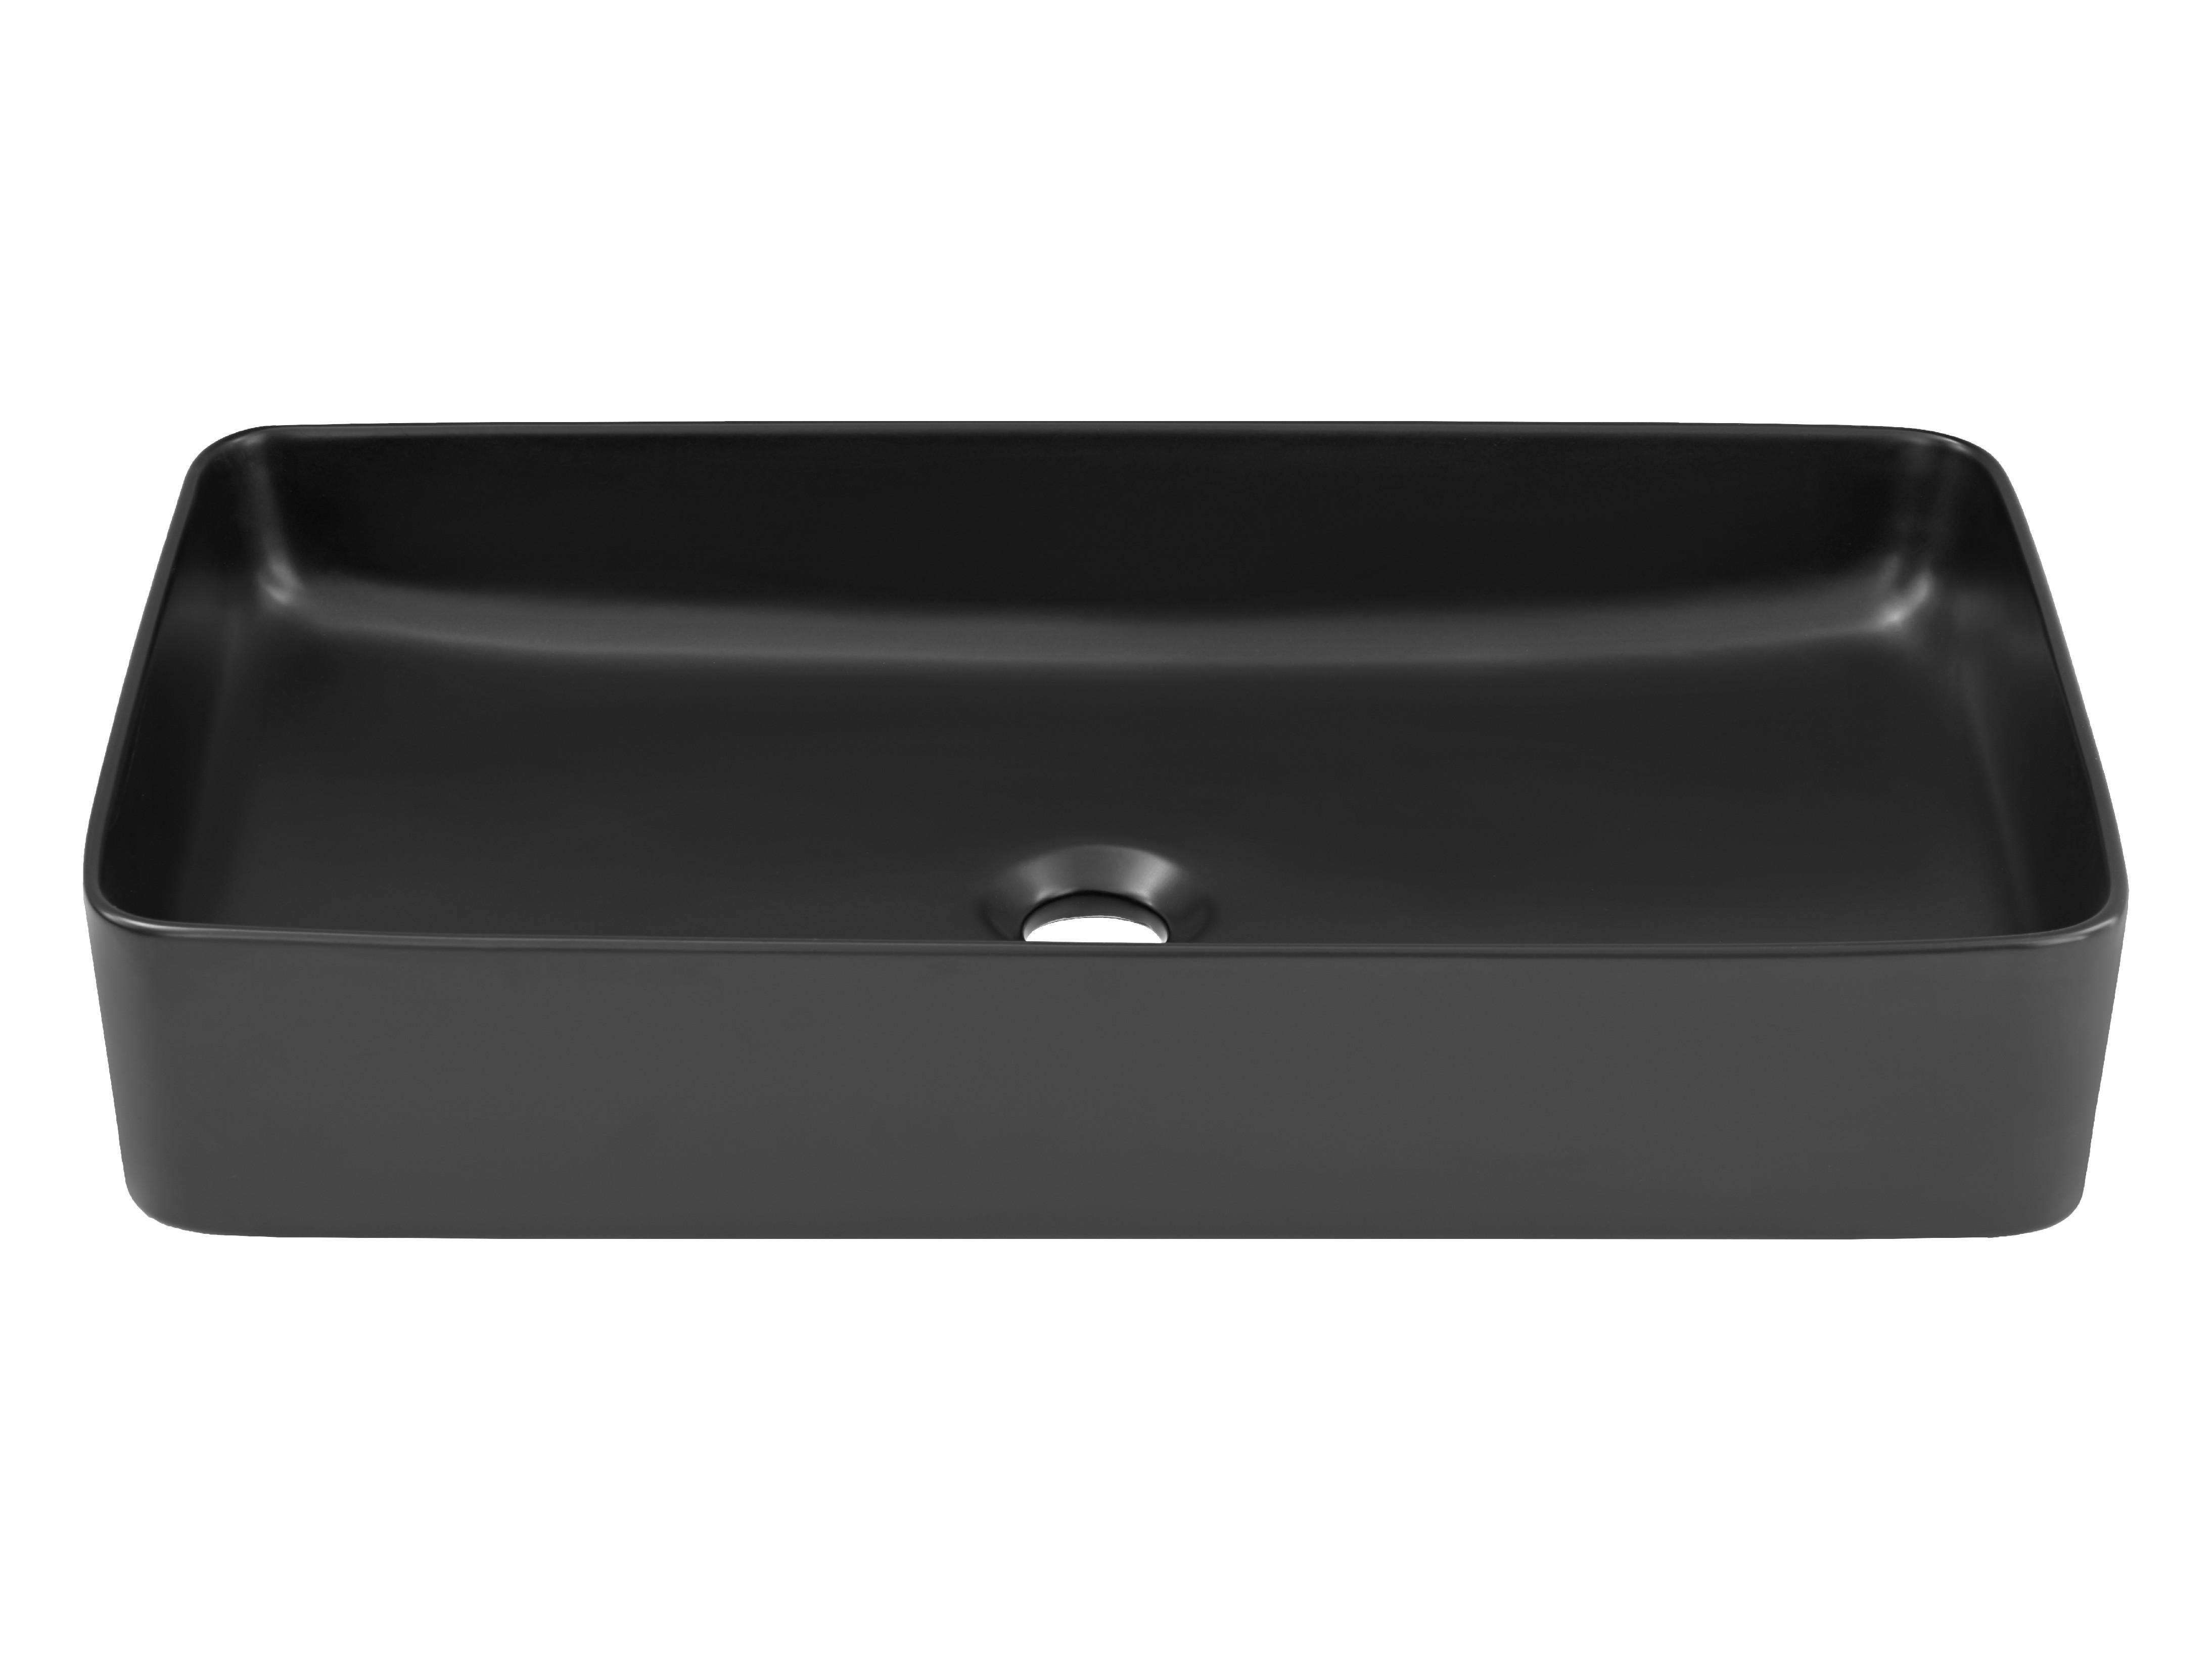 ArtCom Kúpeľňová zostava Manhattan Manhattan: Umývadlo Slim 2 / E-6275 - čierne